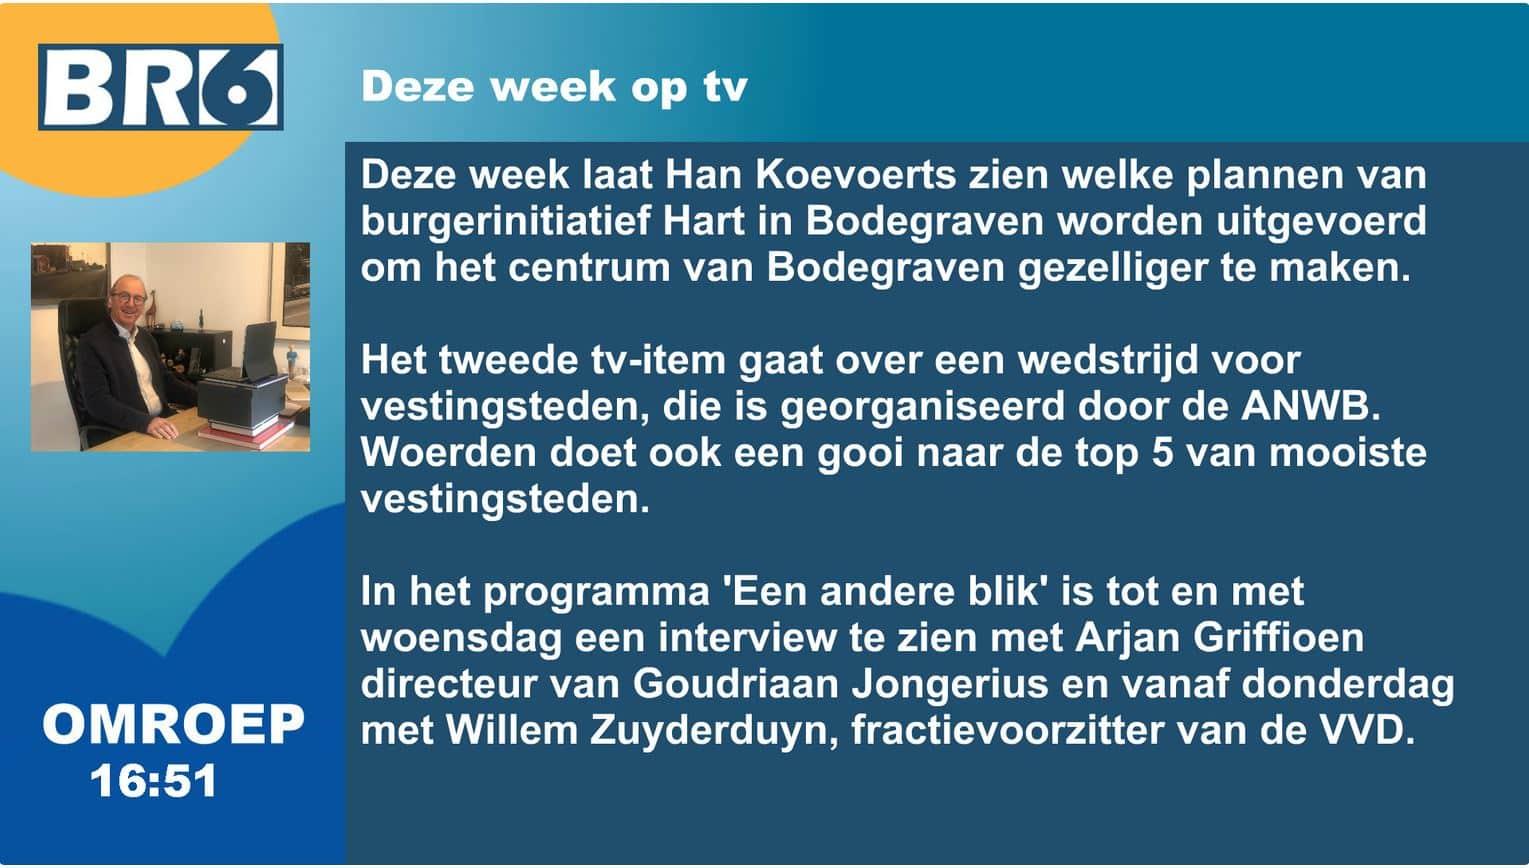 Deze week op tv bij BR6